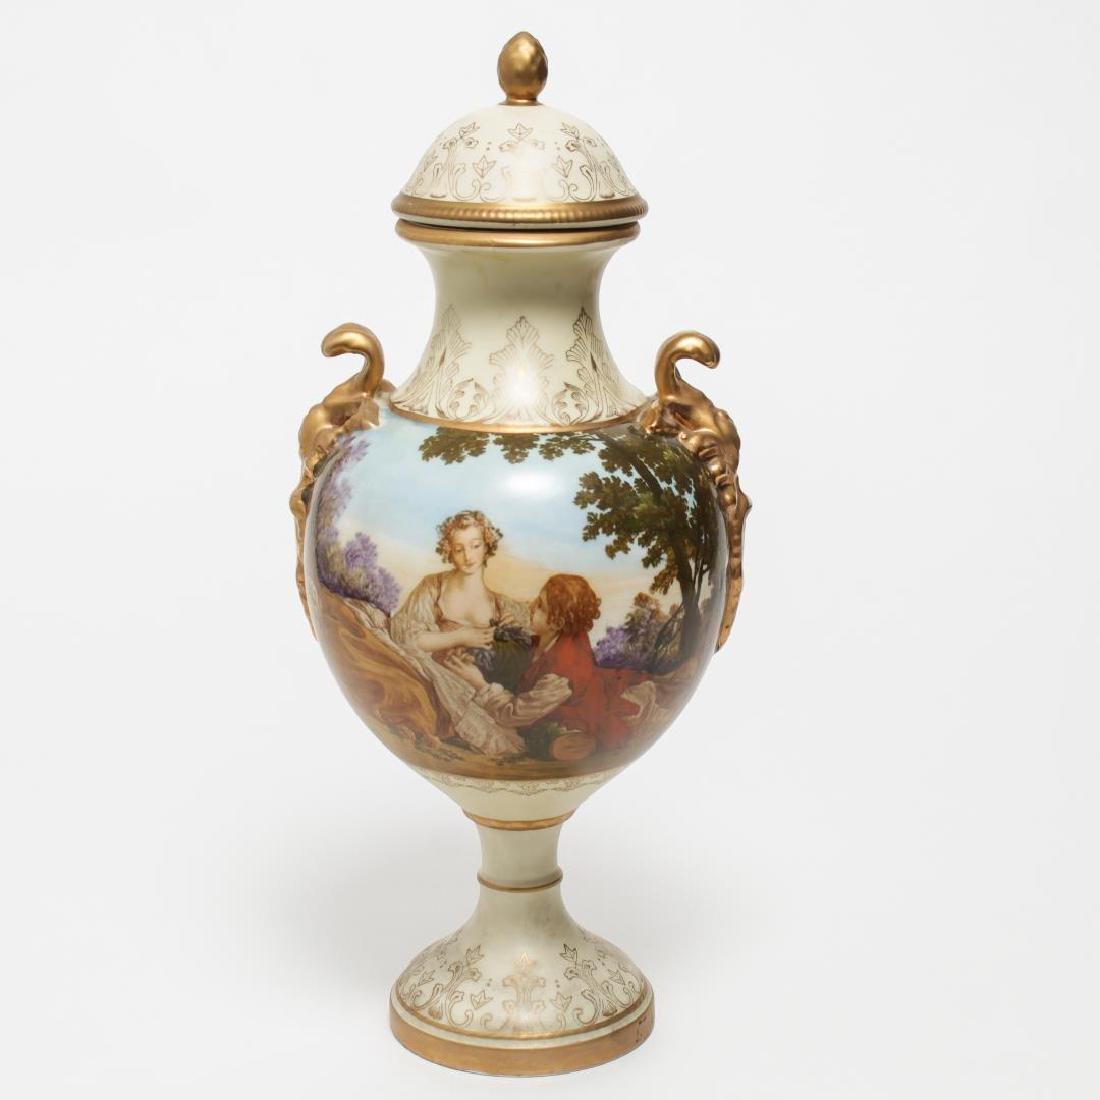 Paris Porcelain- Hand-Painted Urn with Landscape